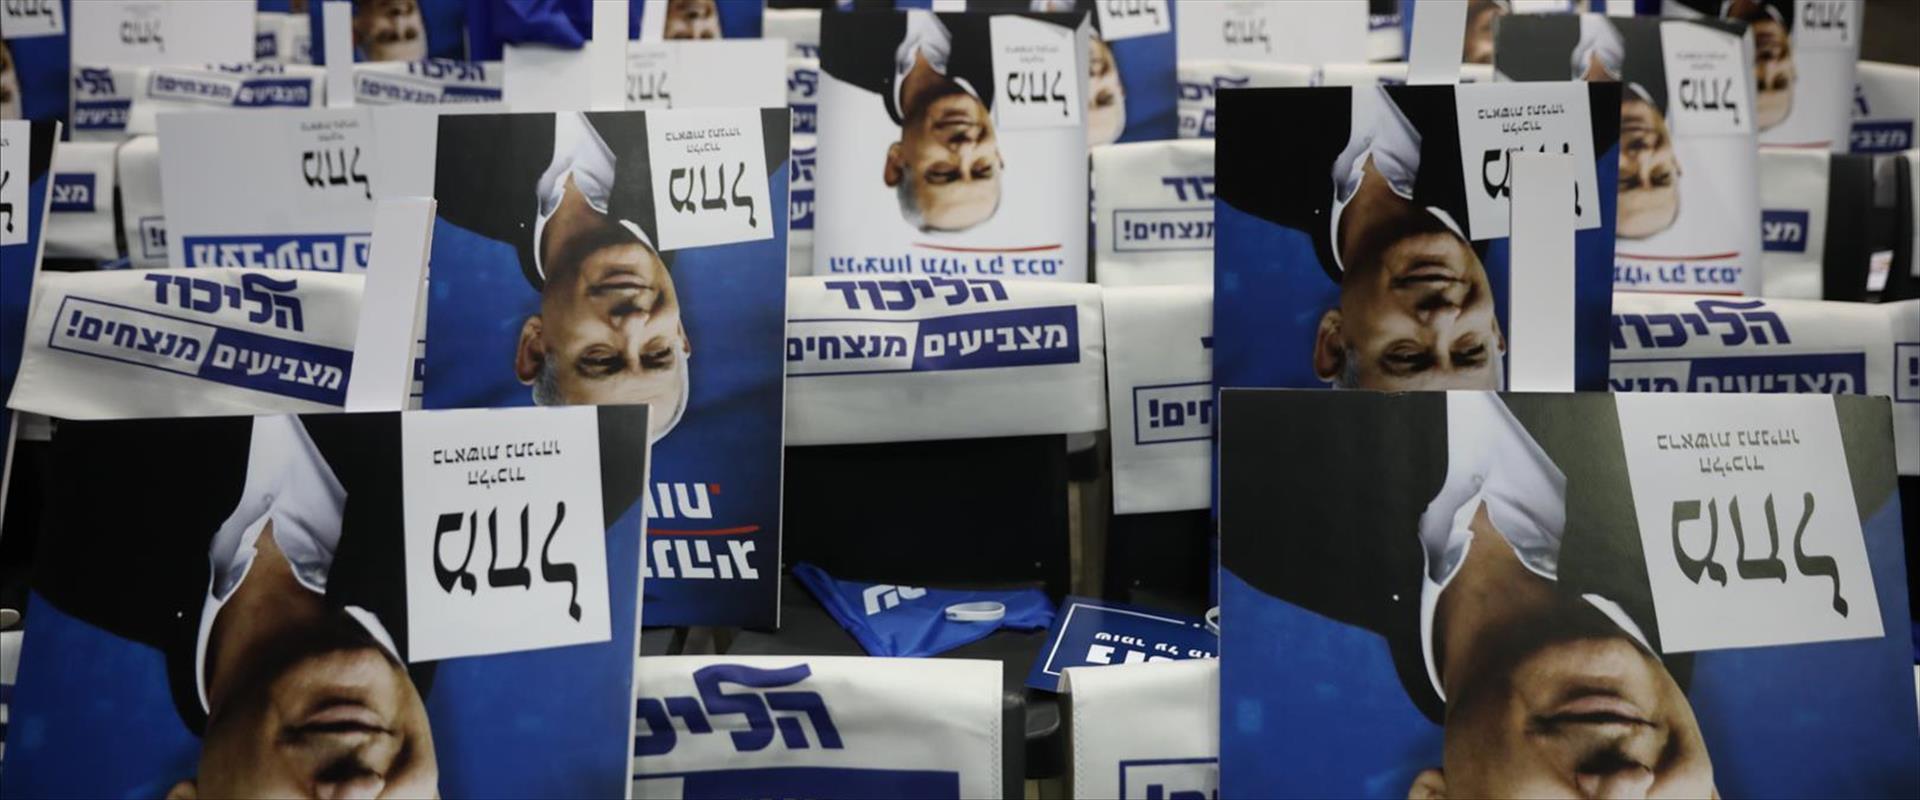 מטה הליכוד בתל אביב, ארכיון